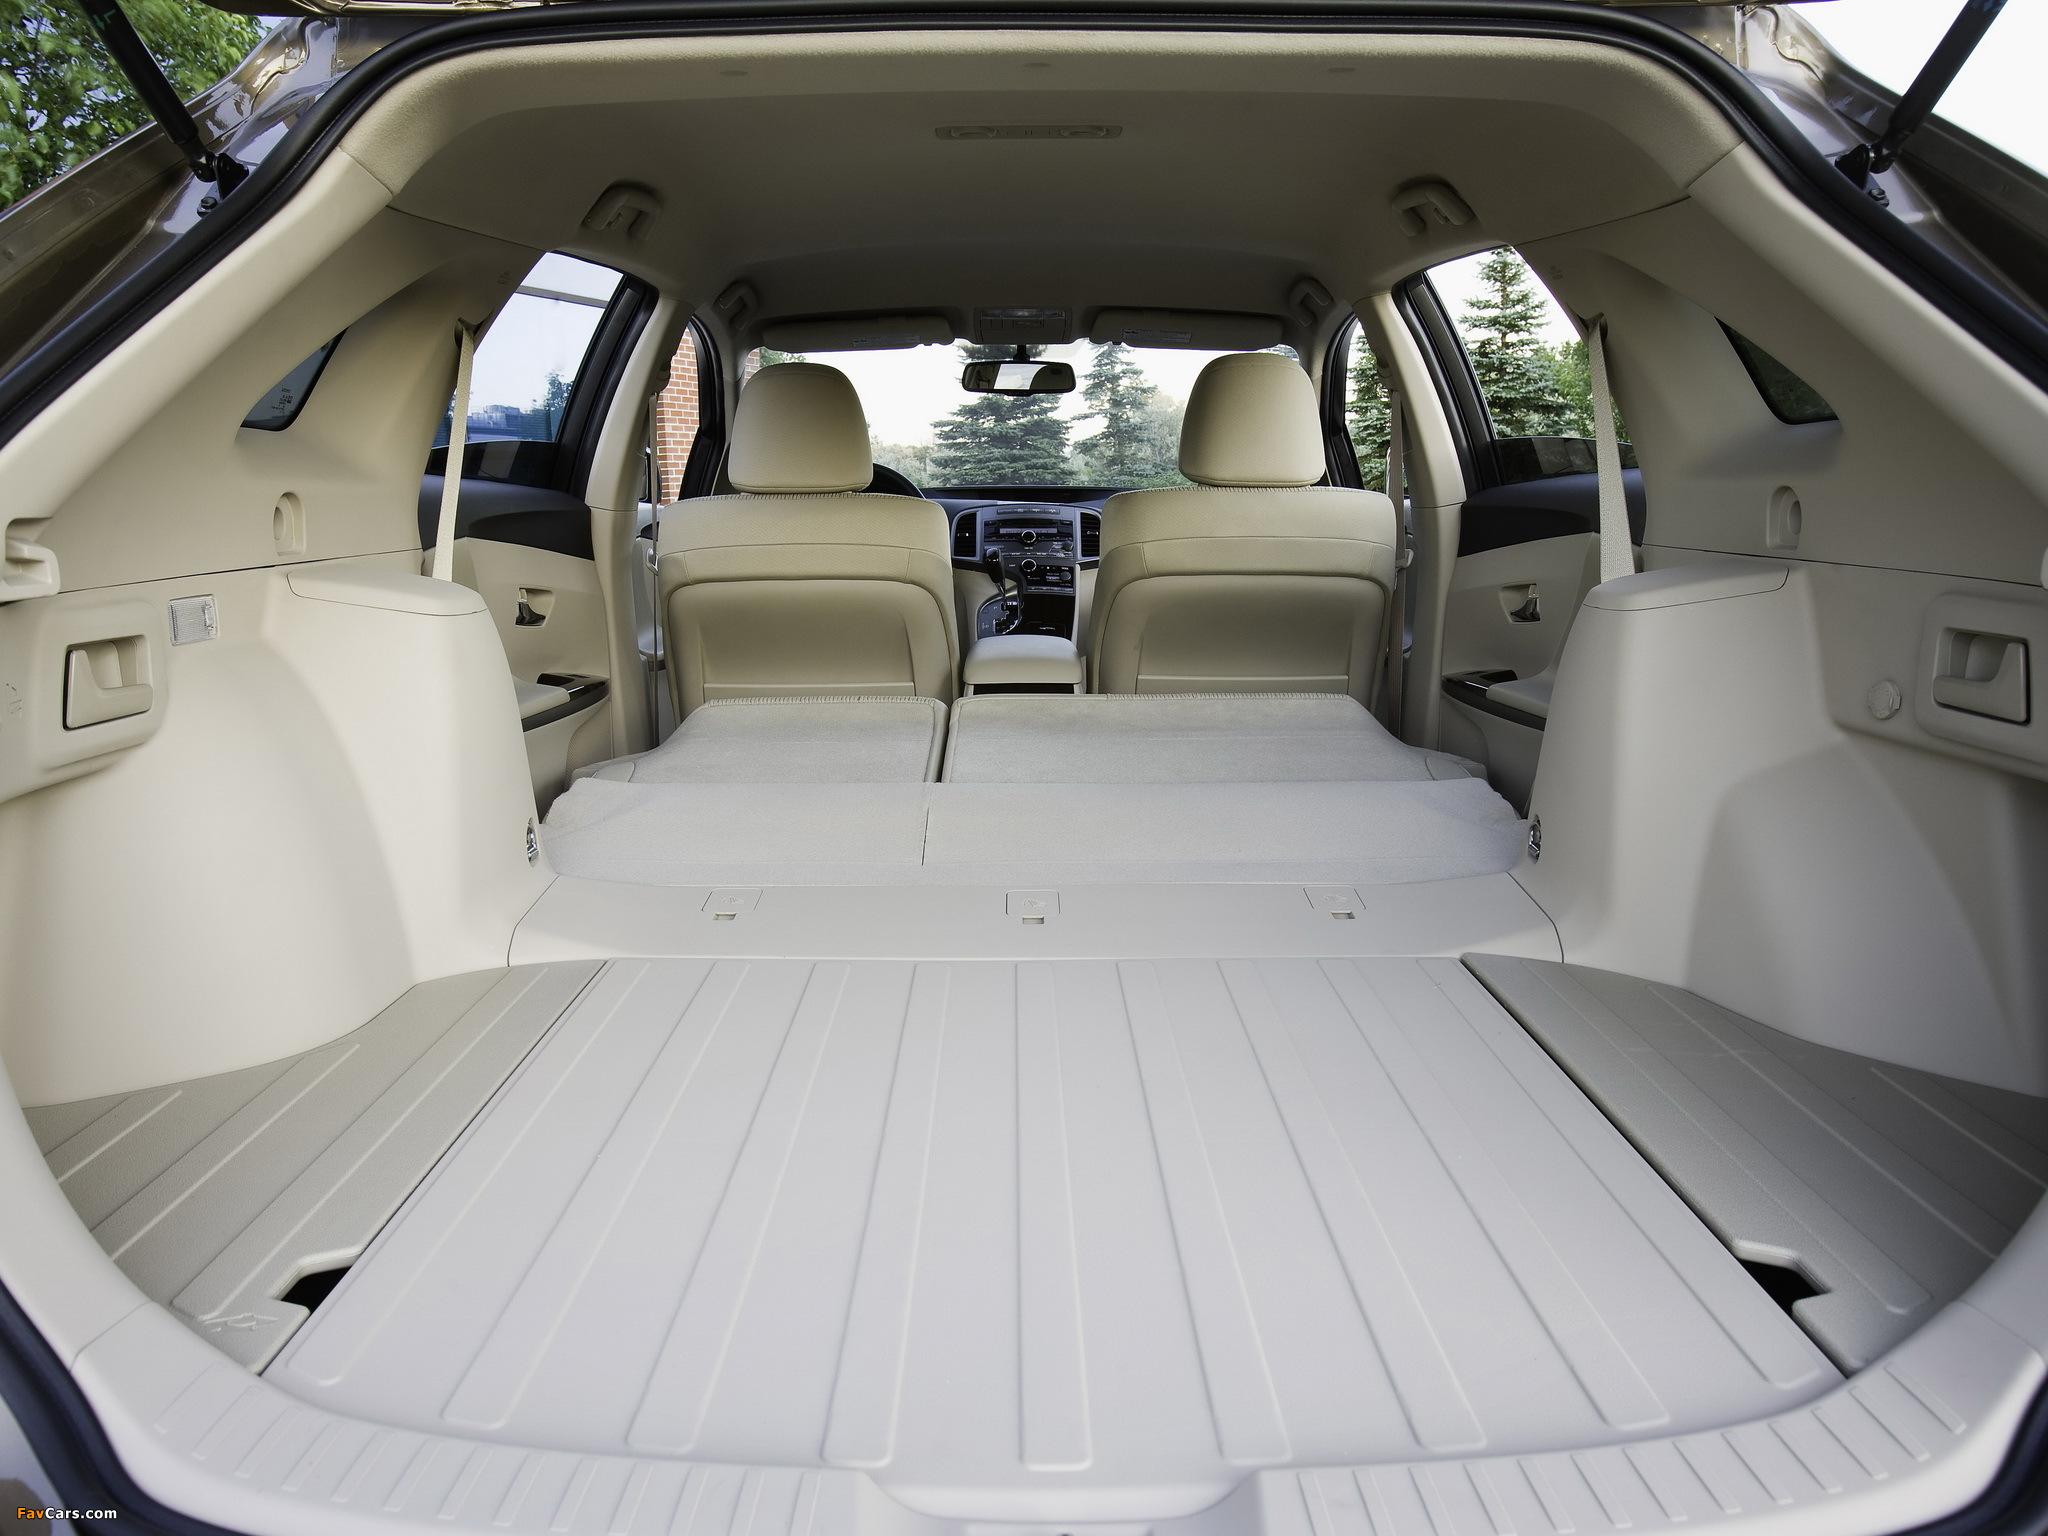 Toyota Venza 2010 технические характеристики #10